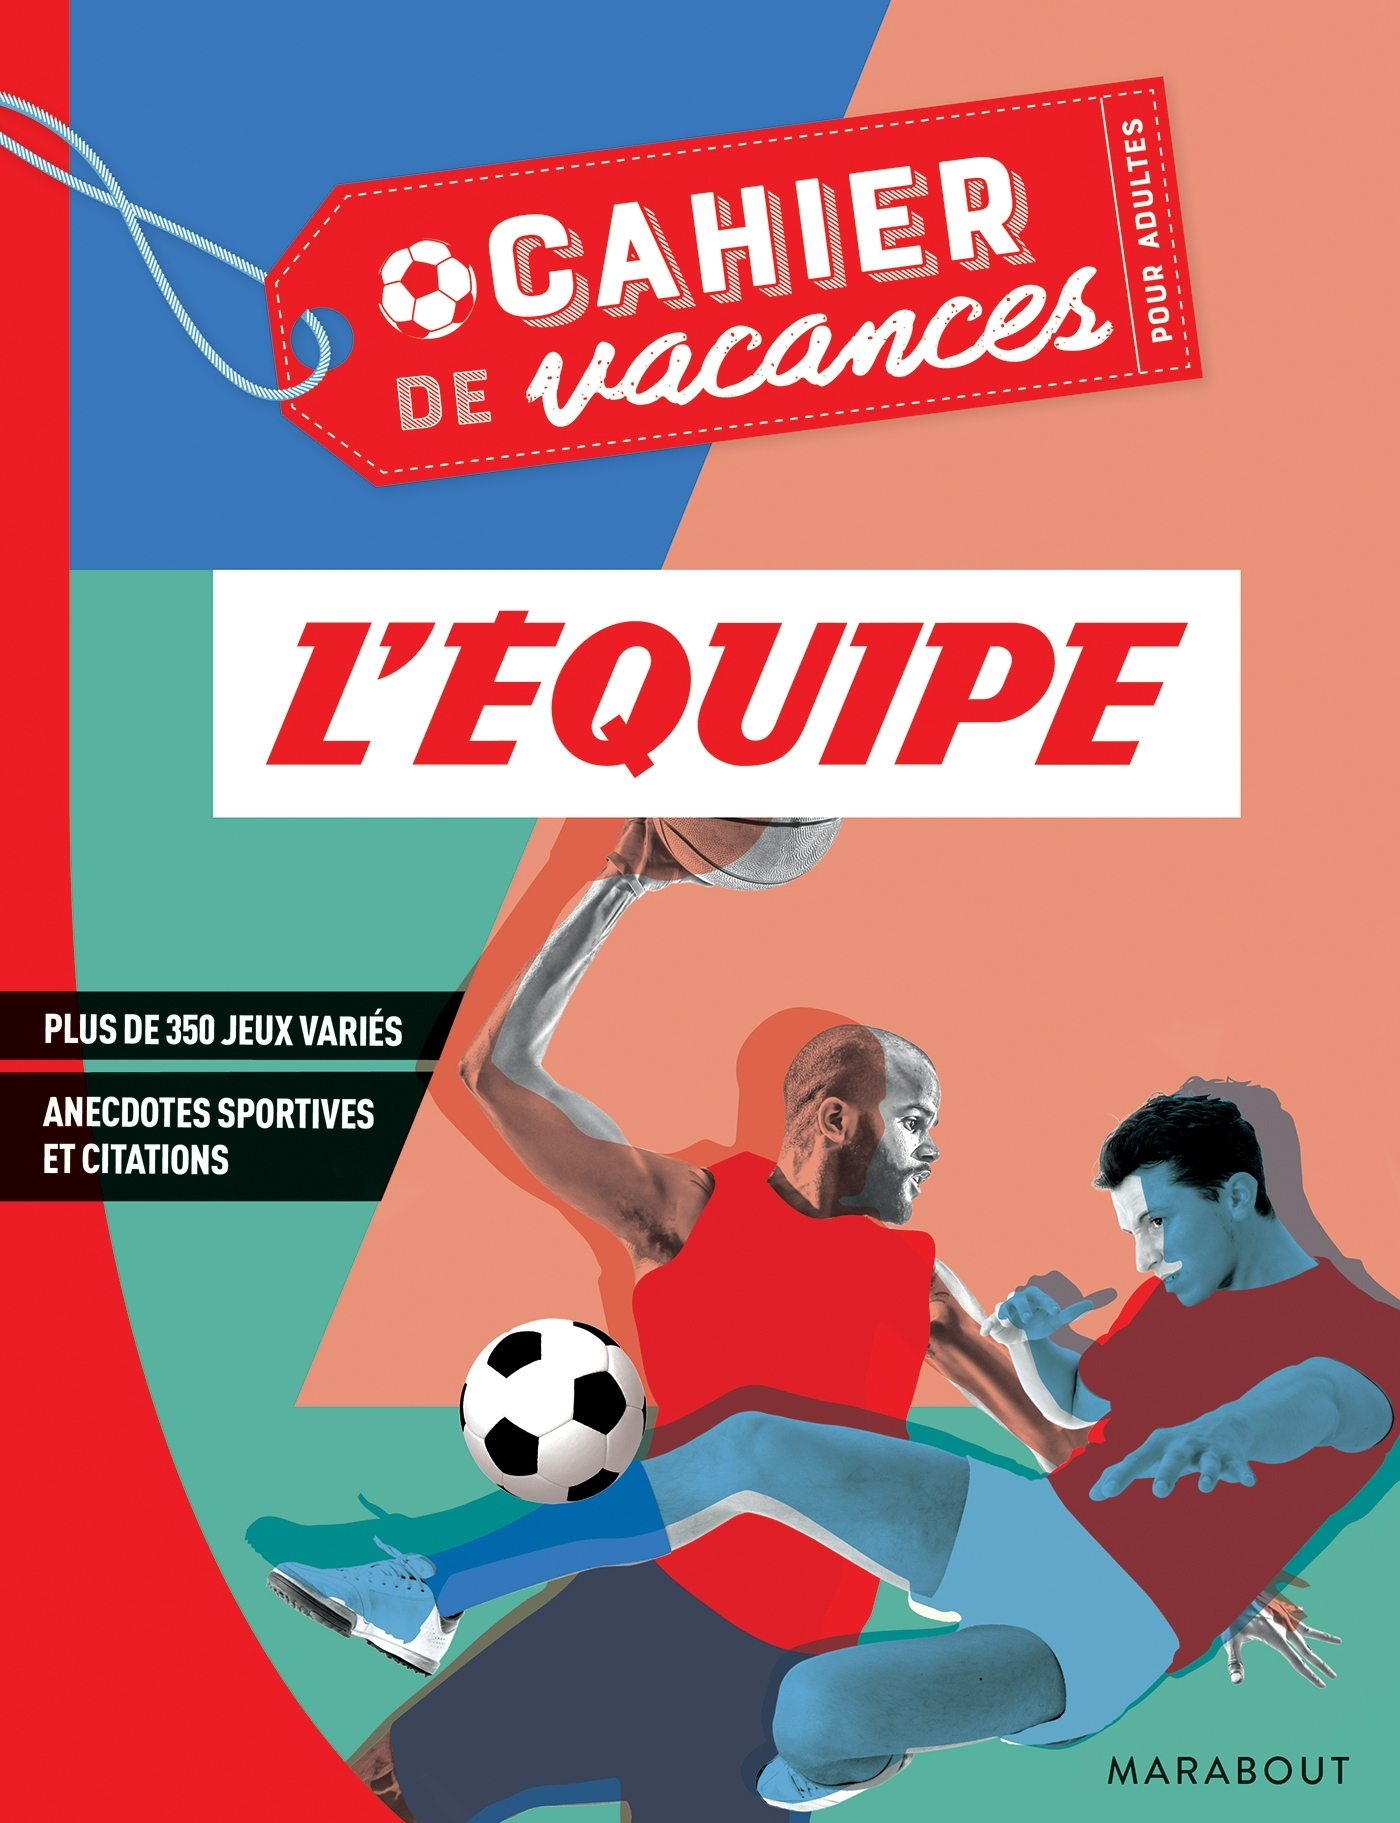 CAHIER DE VACANCES POUR ADULTES 2019 - L'EQUIPE